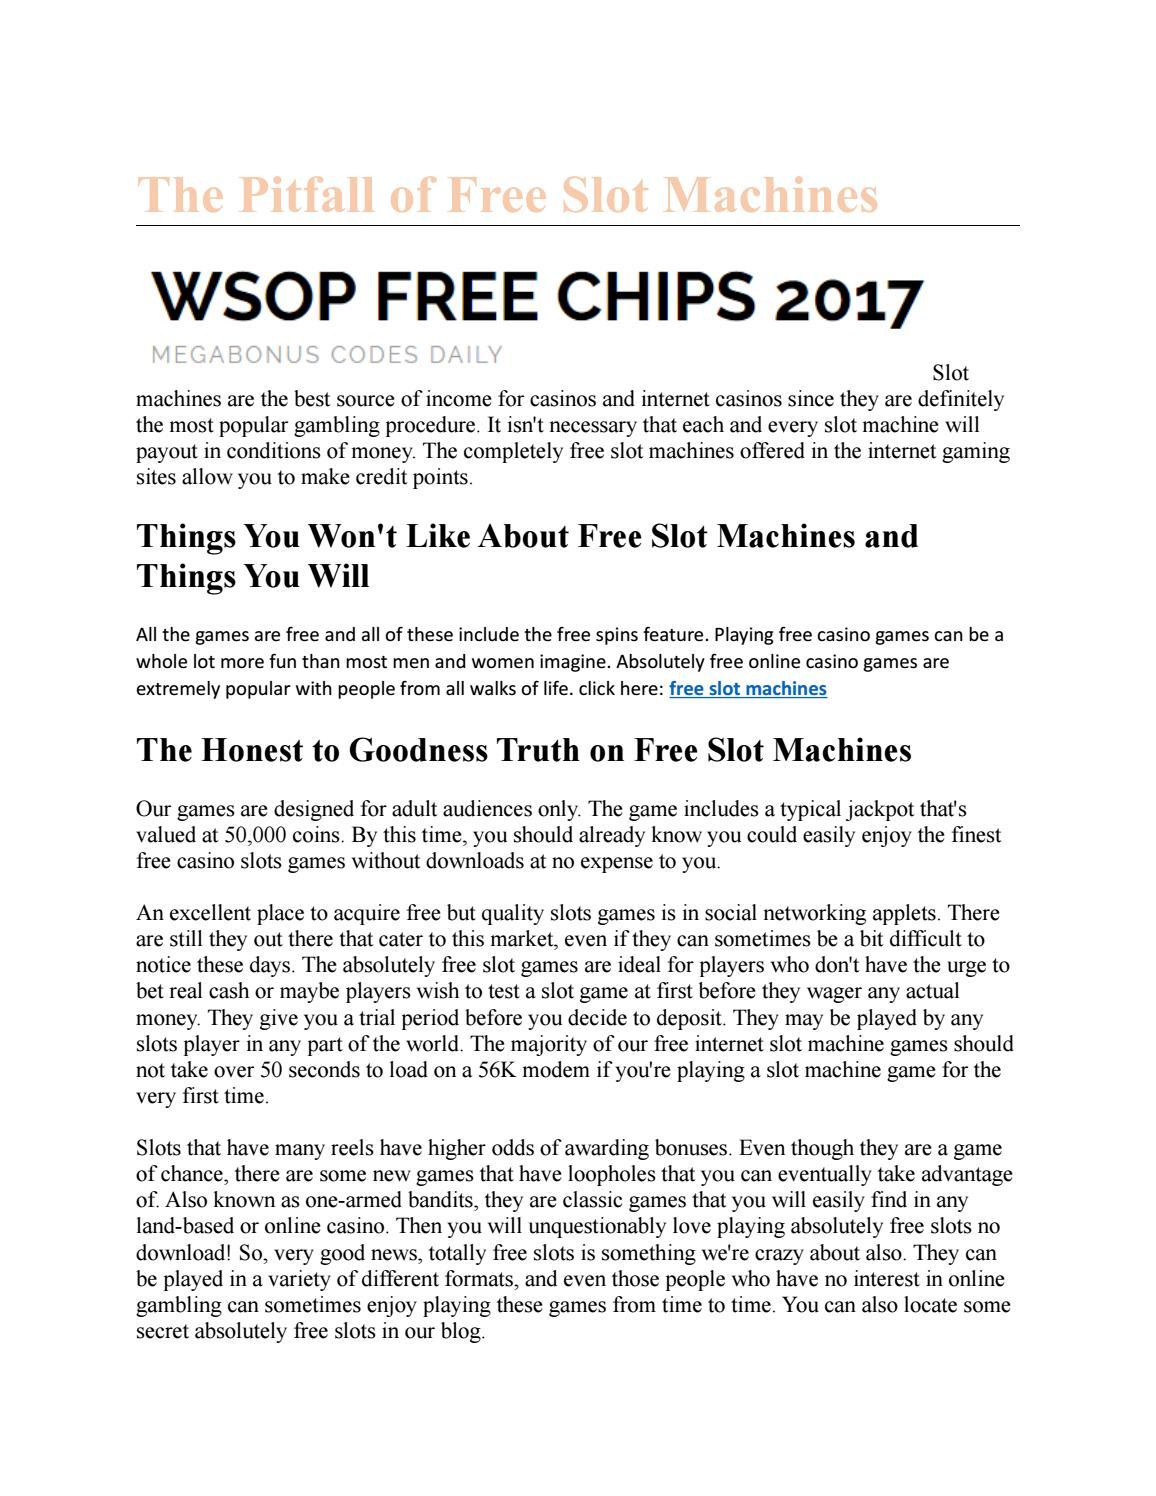 The Pitfall Of Free Slot Machines By Michaelwenn Issuu